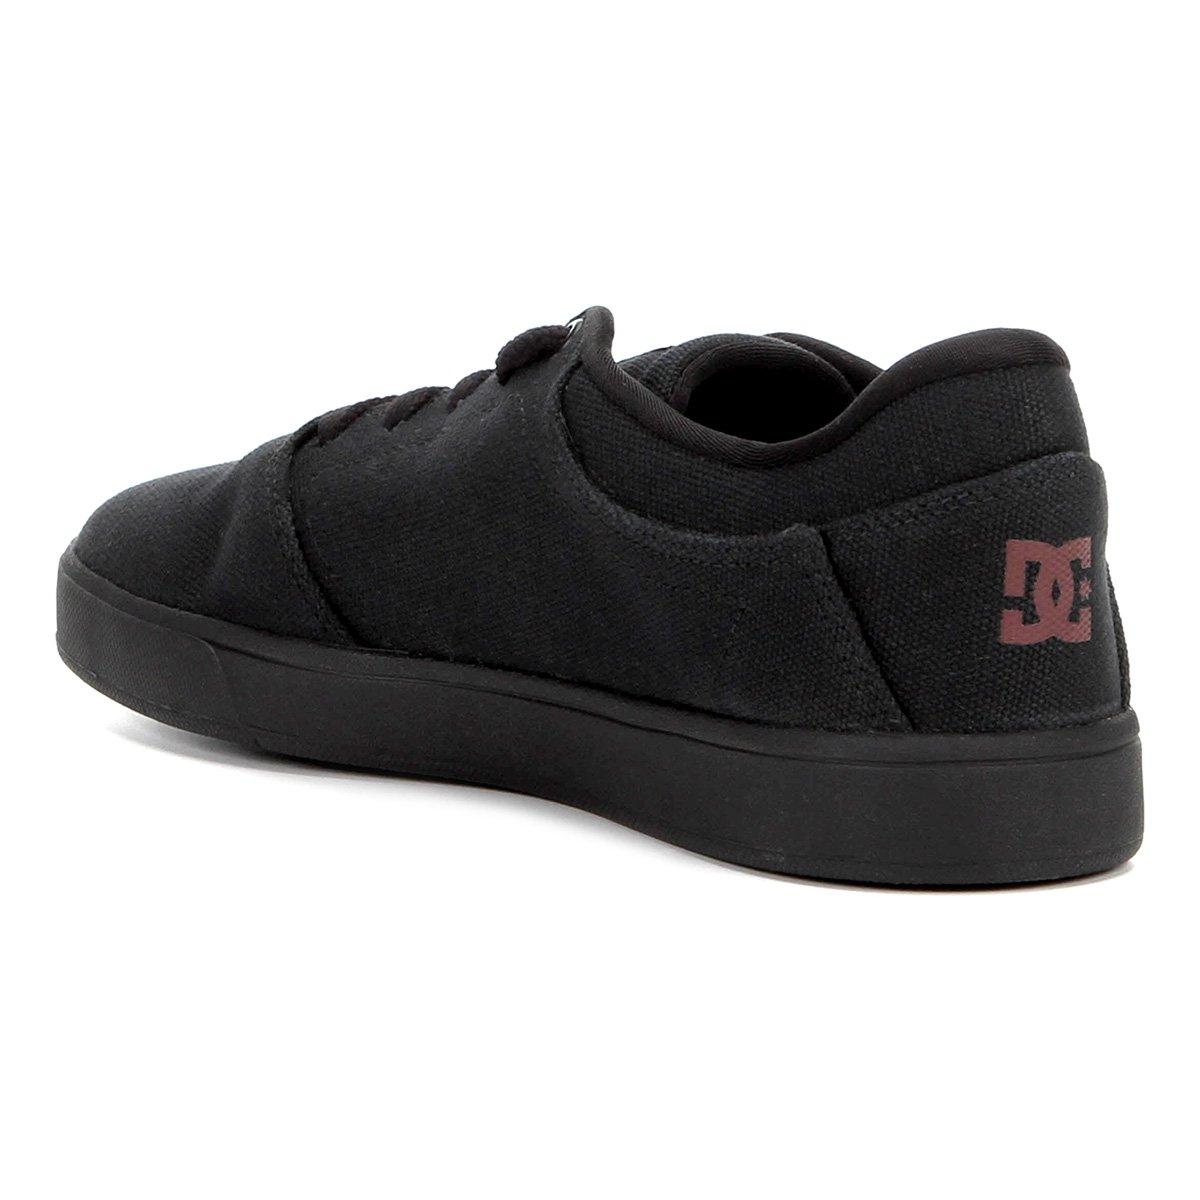 Tênis DC Shoes Crisis Tx La Adys Masculino - Preto e Chumbo - Compre ... e79a7bb5b8027